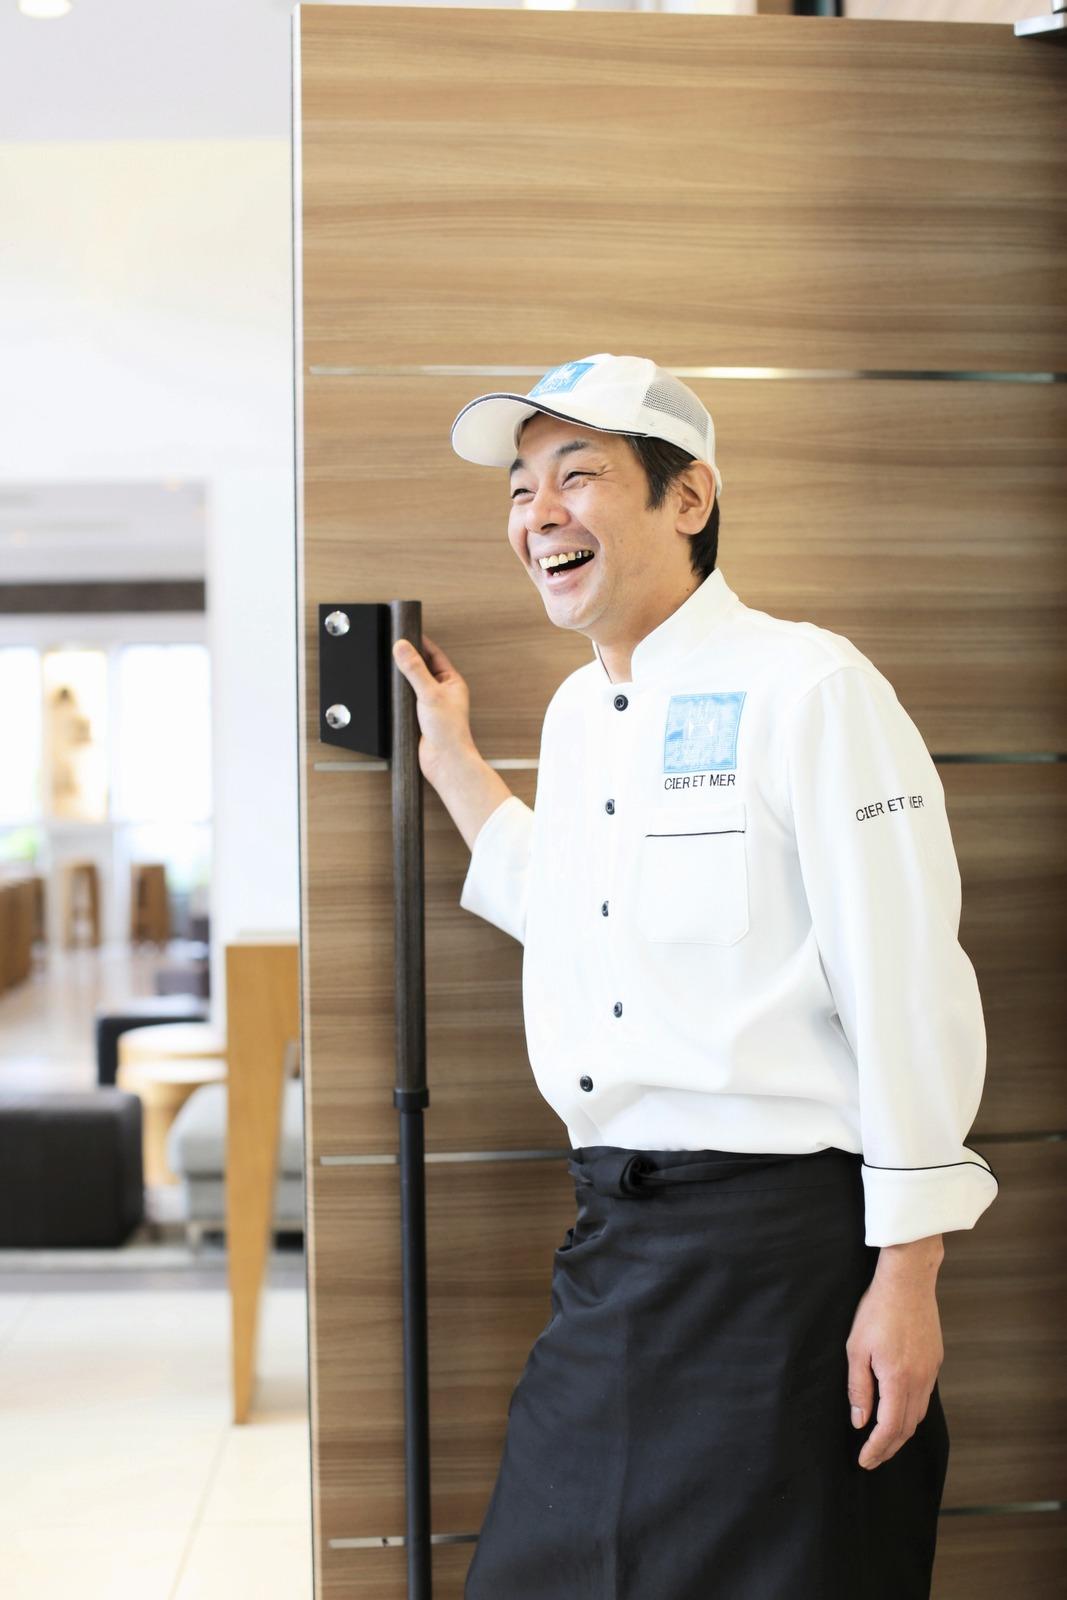 香川県結婚式場シェルエメール&アイスタイルの料理